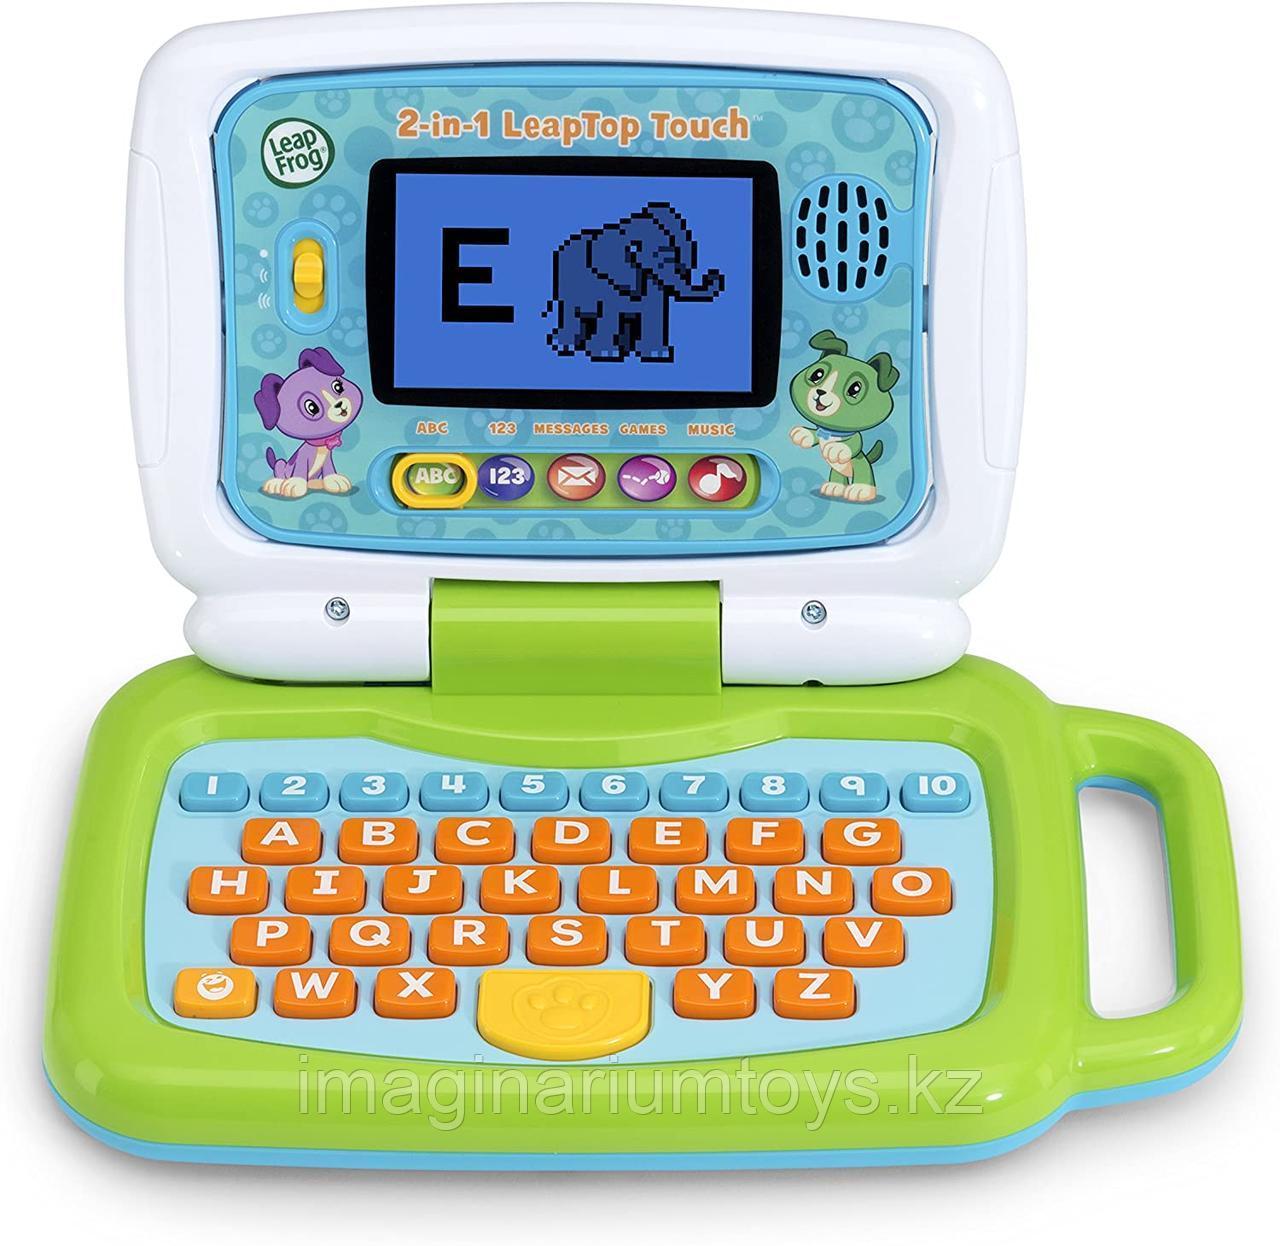 Обучающий игровой планшет для детей Leap Frog